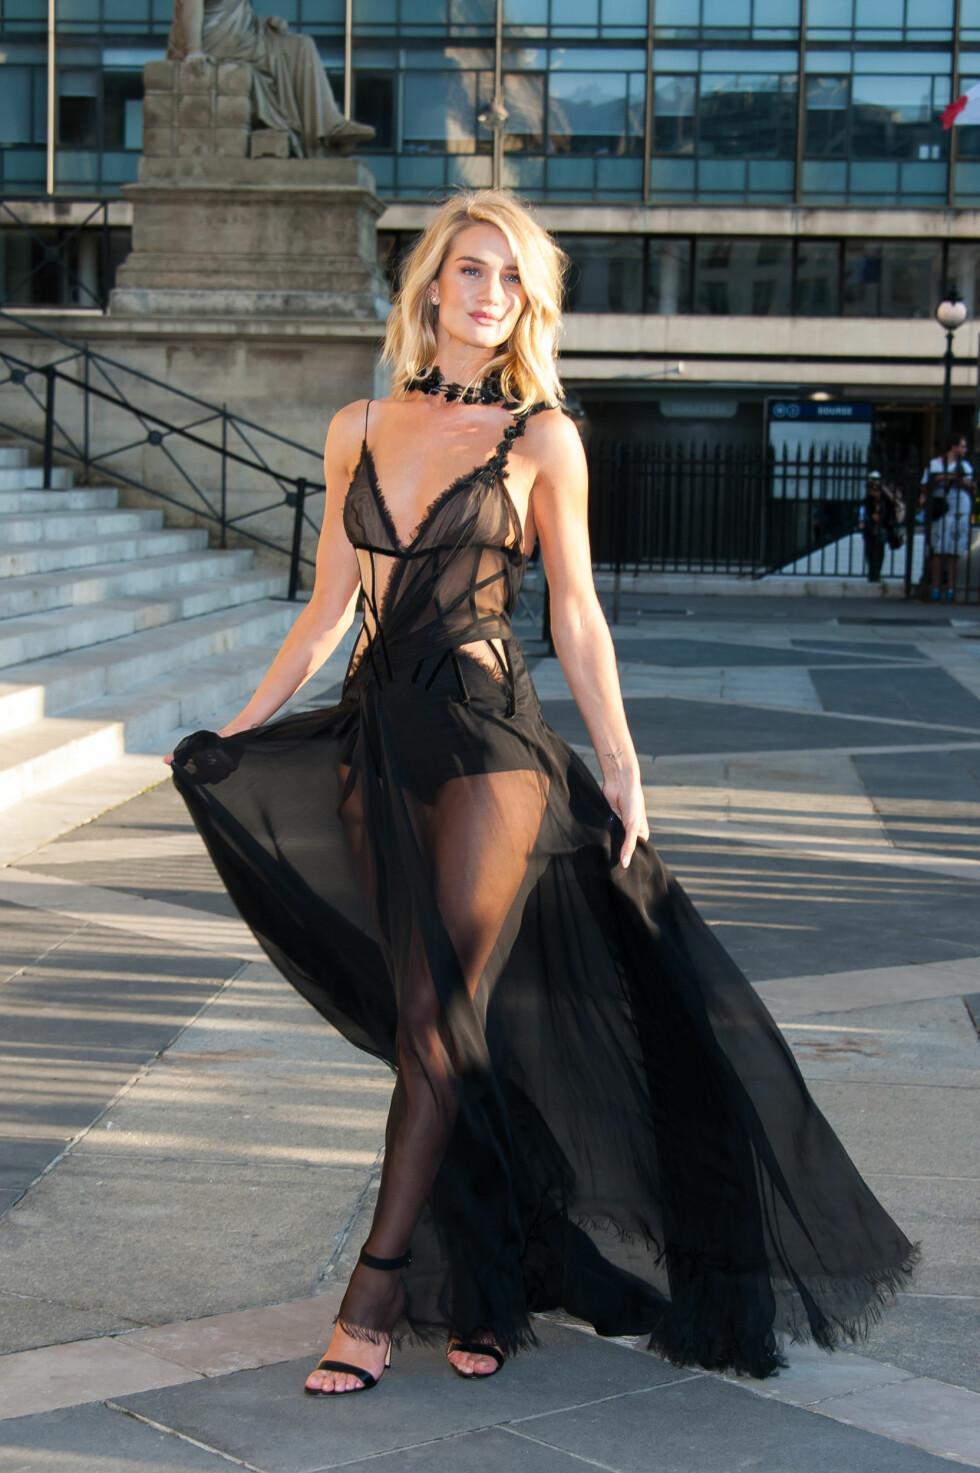 DEN LANGE, SVARTE: Modell Rosie Huntington-Whiteley strålte i denne lekre kreasjonen da hun deltok på et moteevent i Paris i fjor sommer. Foto: NTB Scanpix